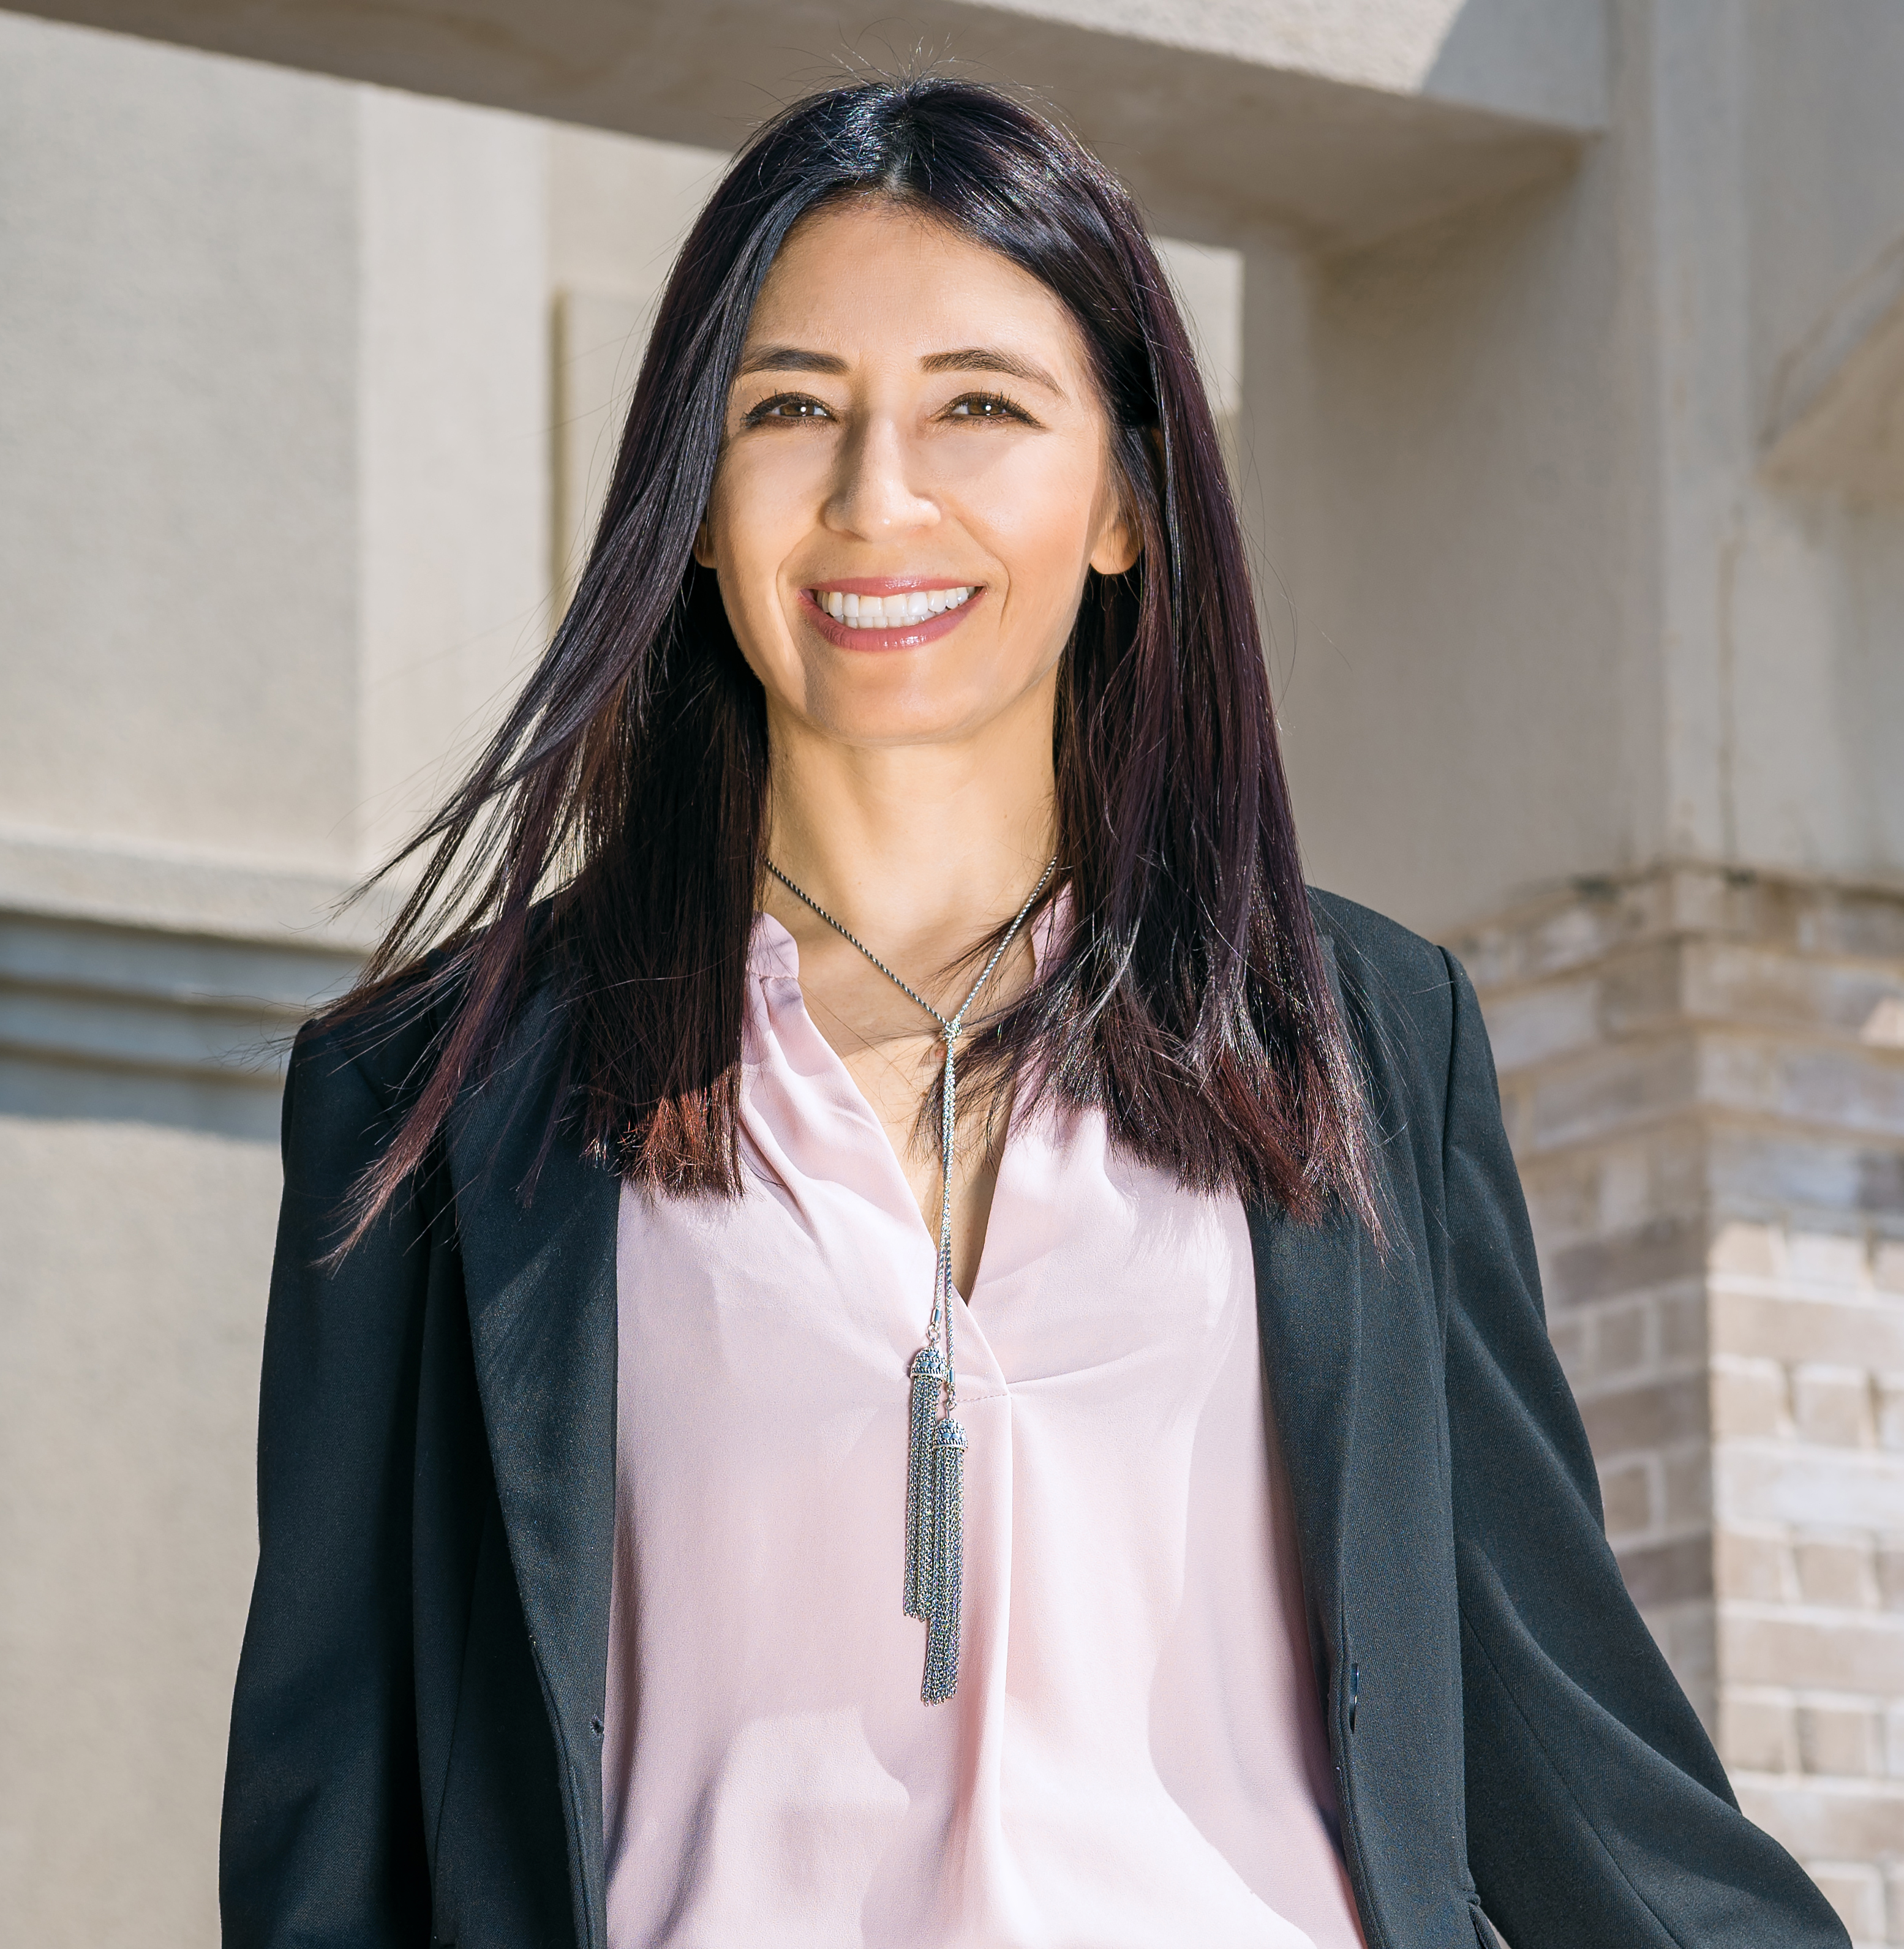 Norma Perez profile picture